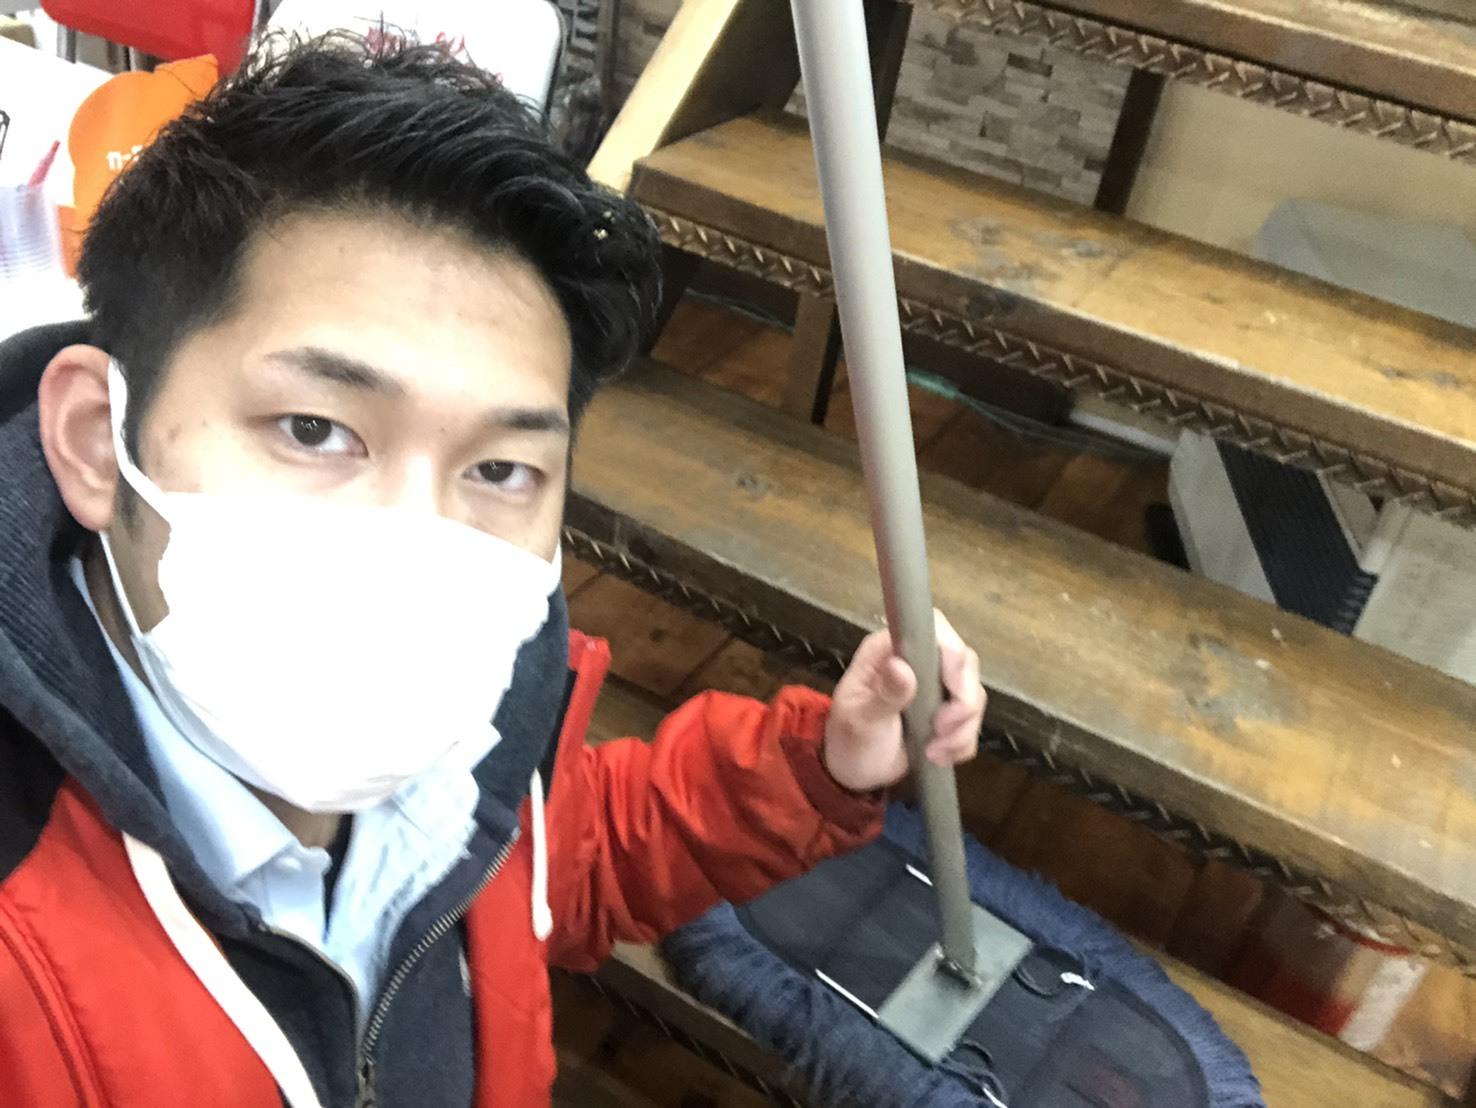 12月6日(金)トミーベースブログ☆カスタムカー☆レクサス♬スバル🎶フーガ♬クラウン🎶フォレスター☆レガシィ♬ローンサポート♬自社ローン_b0127002_14422571.jpg